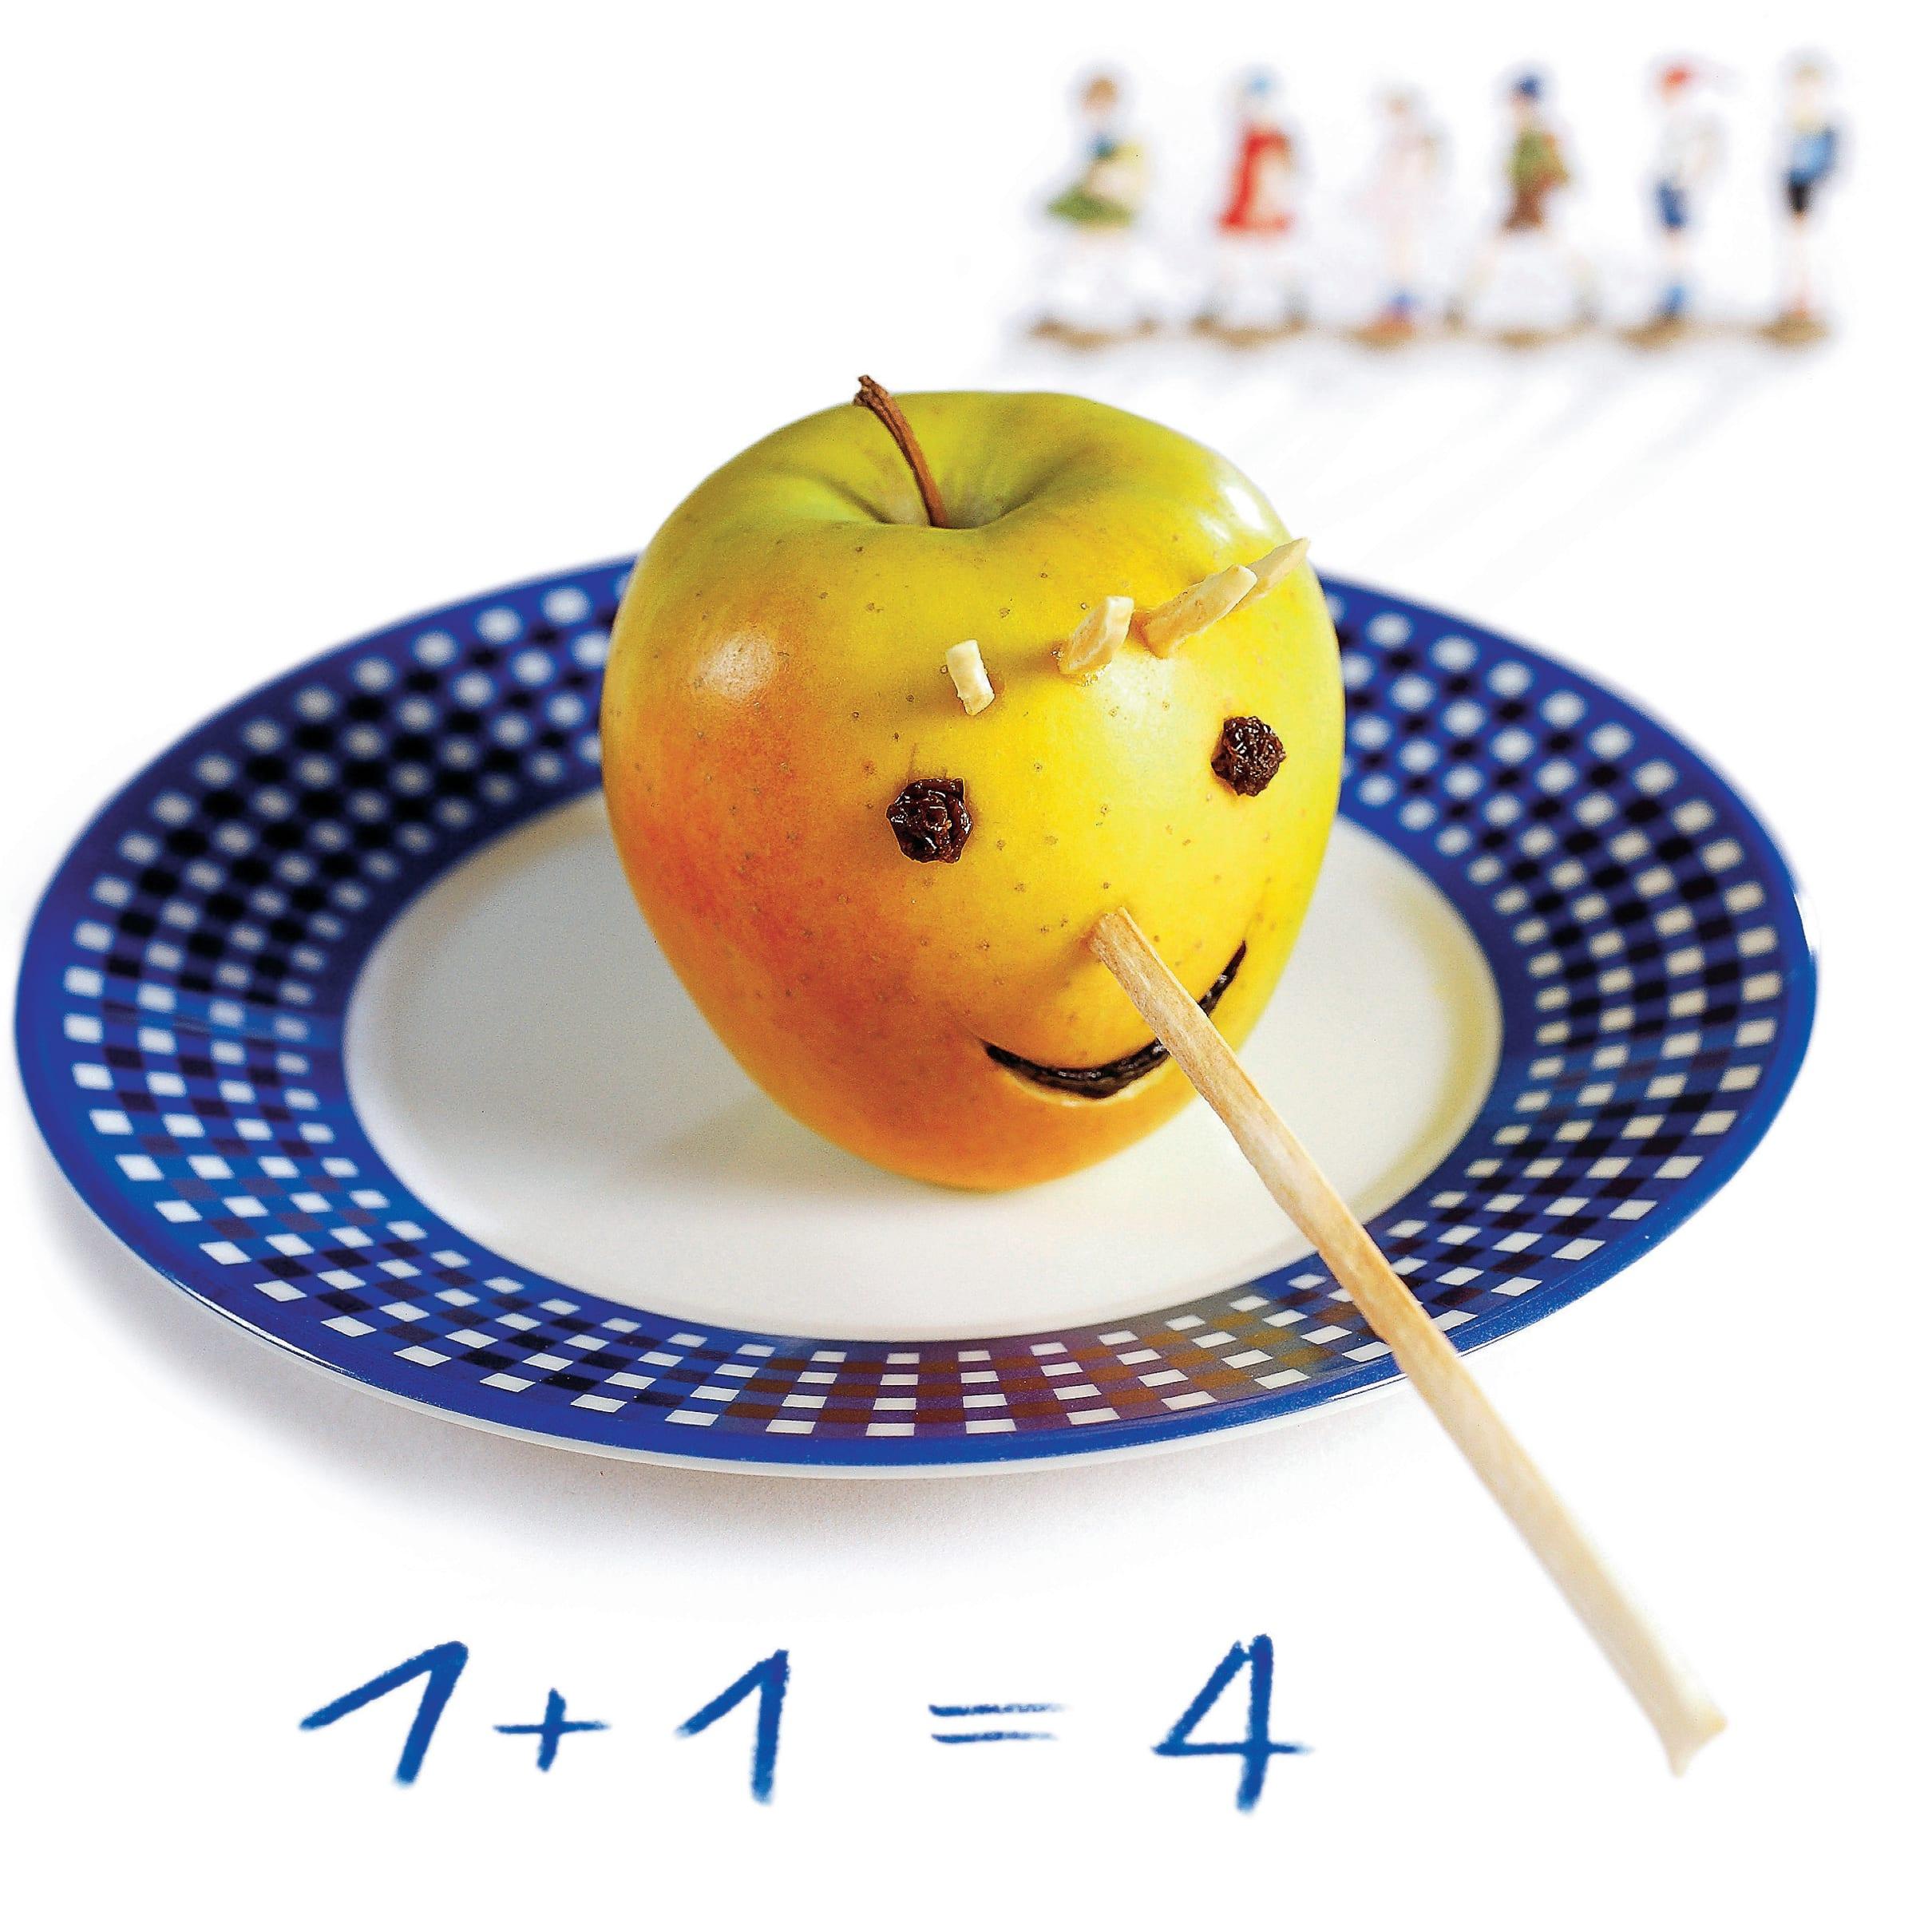 Pinocchio-Apfel